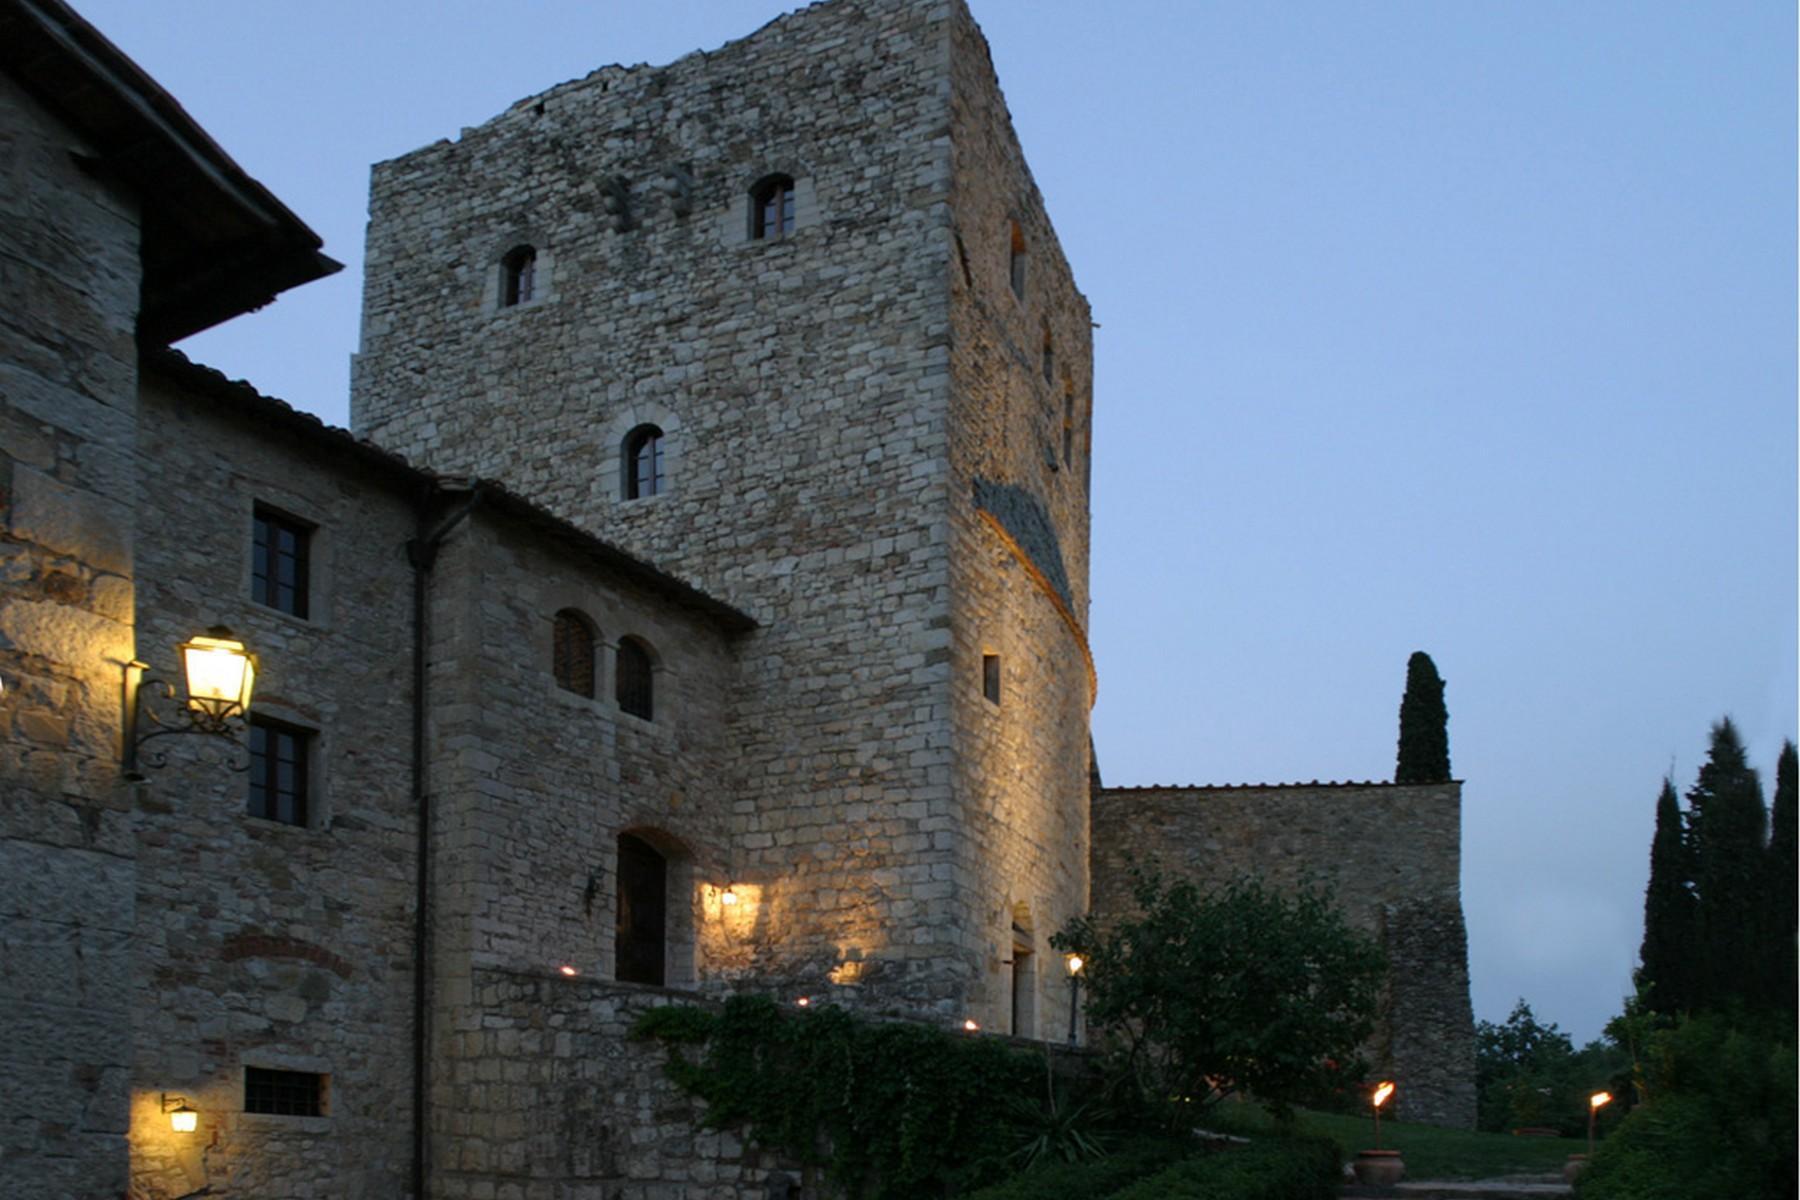 Exklusive Burg im Chianti Classico-Gebiet - 4